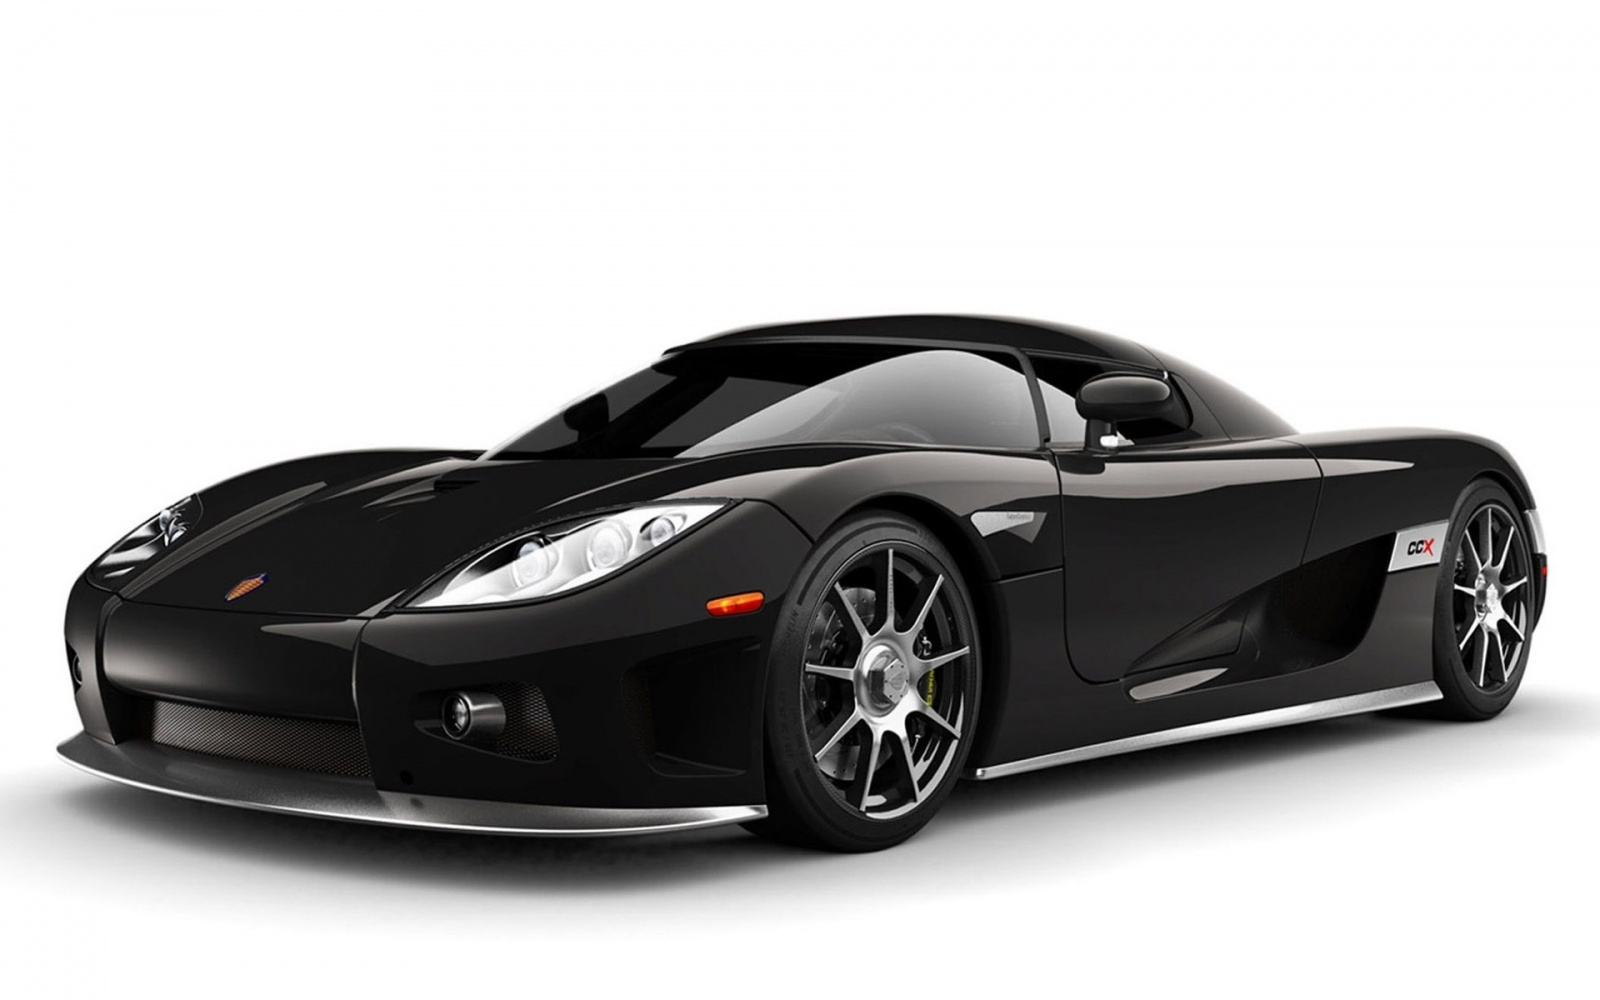 Luxury Car Ratings  Buy Luxury Cars  Sport Luxury Cars  Best Mid Size Luxury  Car  Top Luxury Cars 2014